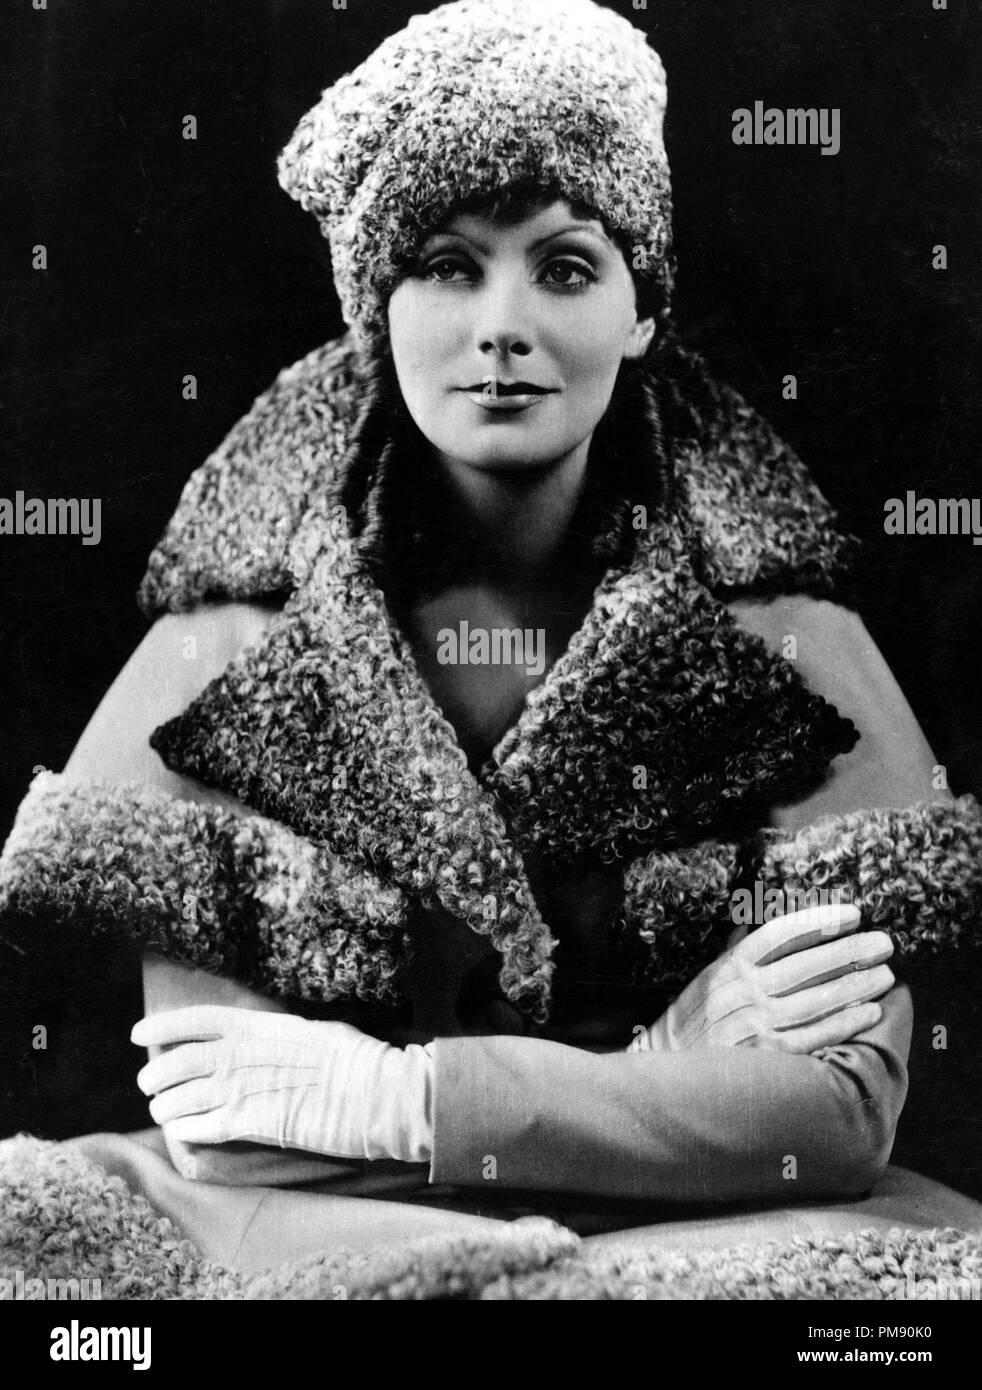 (Archival Classic Cinema - Greta Garbo Retrospective) Greta Garbo, 1930   File Reference # 31523_012THA - Stock Image